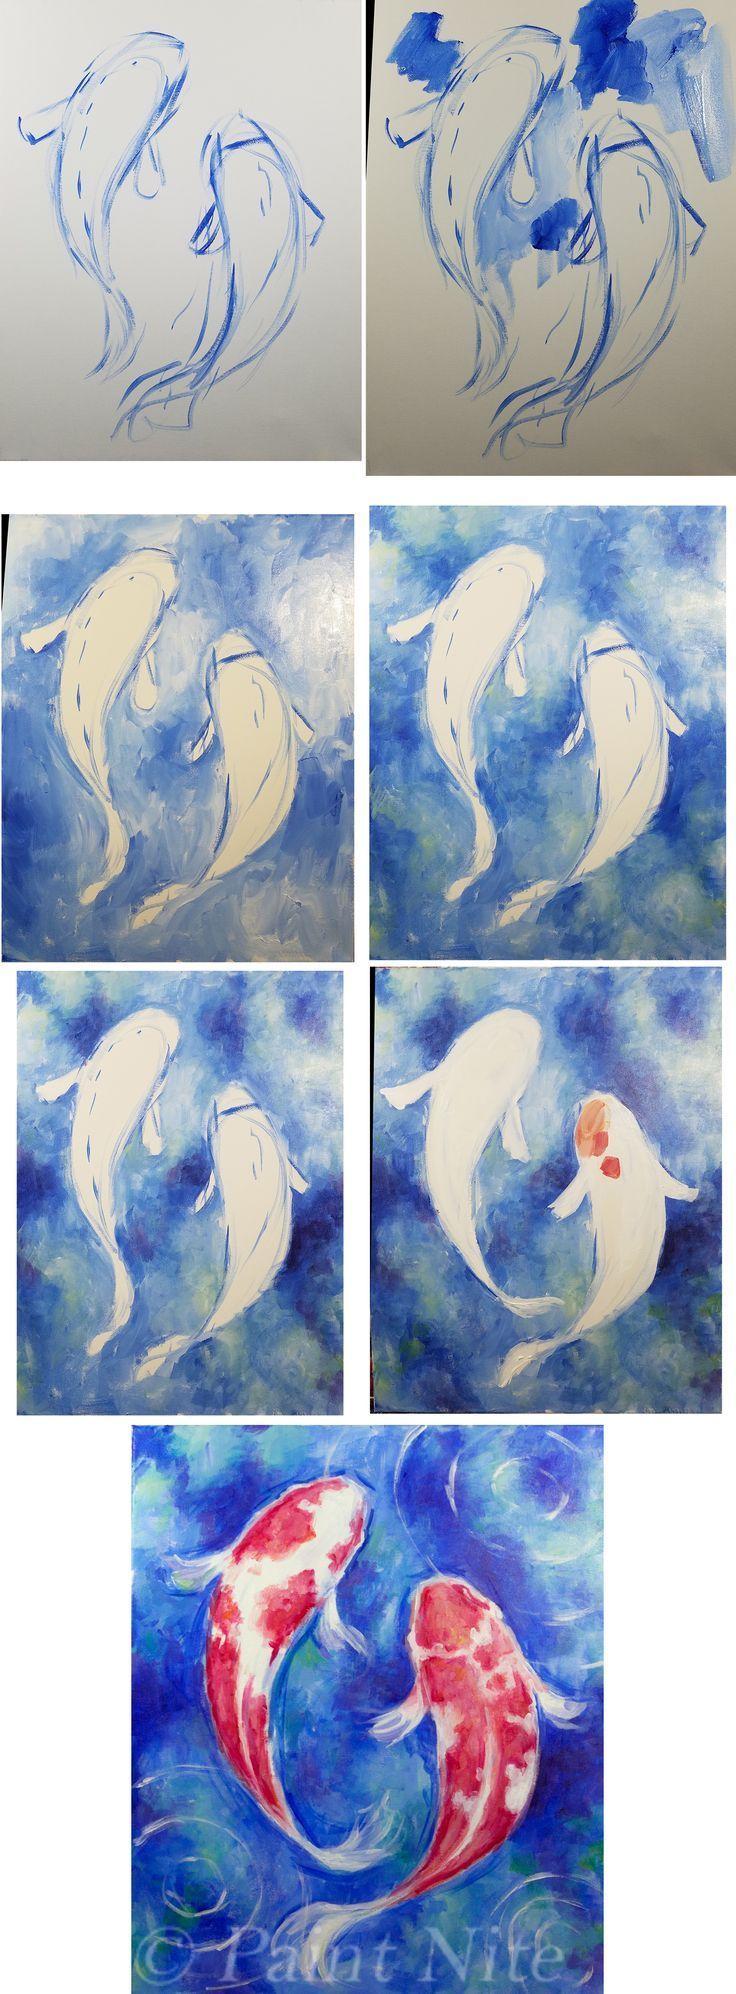 Koi Dance Process – Easy Brushes: Große flache, mittlere Runde Farben: Blau, Weiß, Re